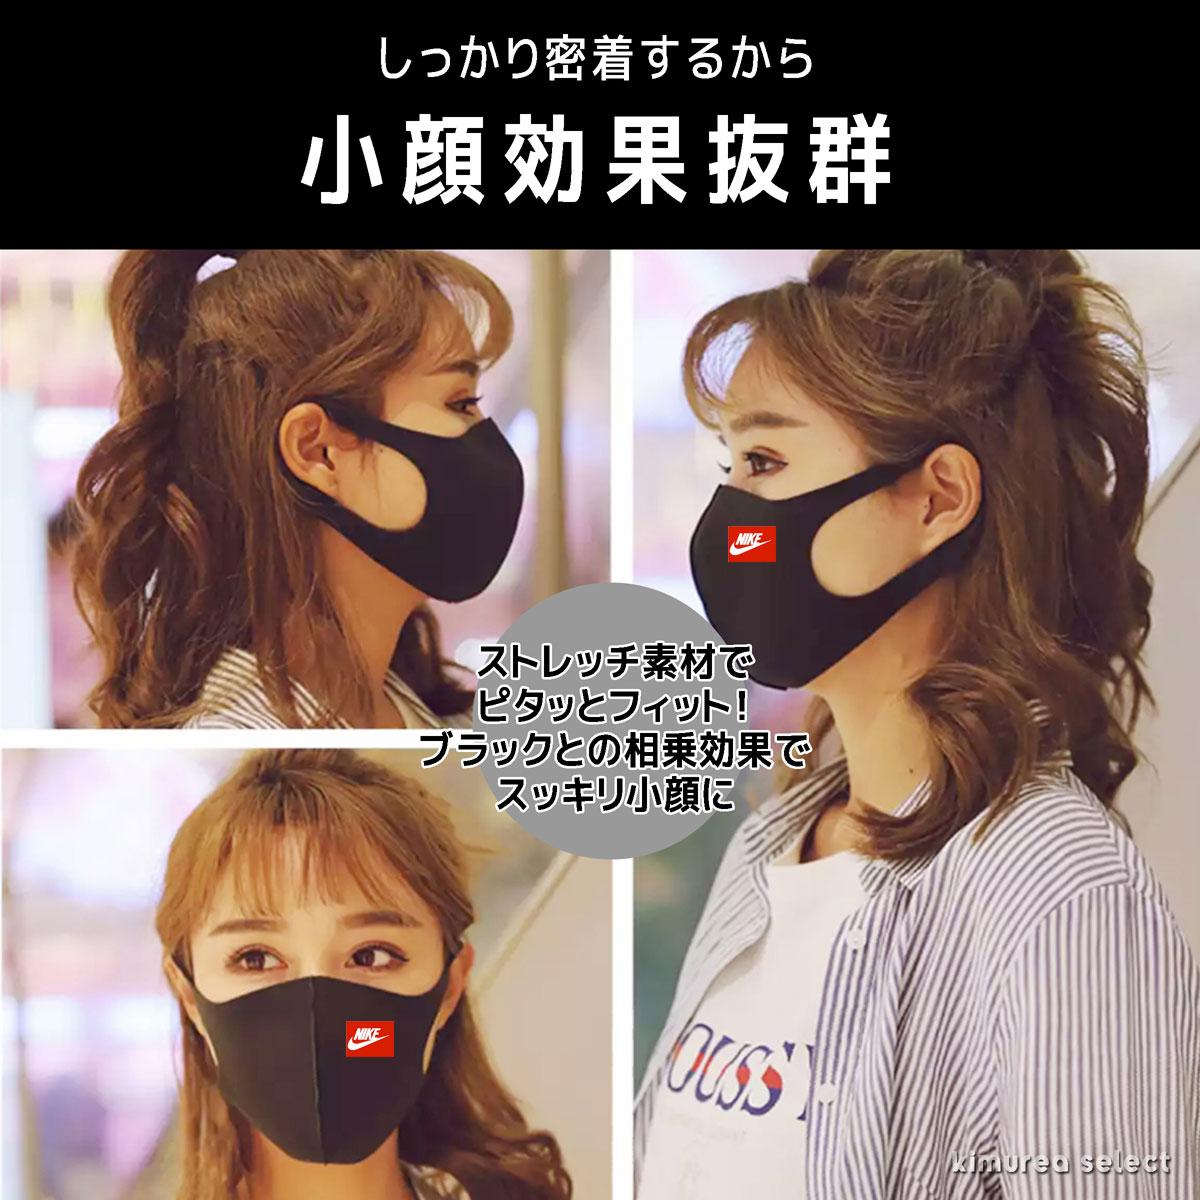 Nike/ナイキマスクUVカット抗ウイルスmask やわらか